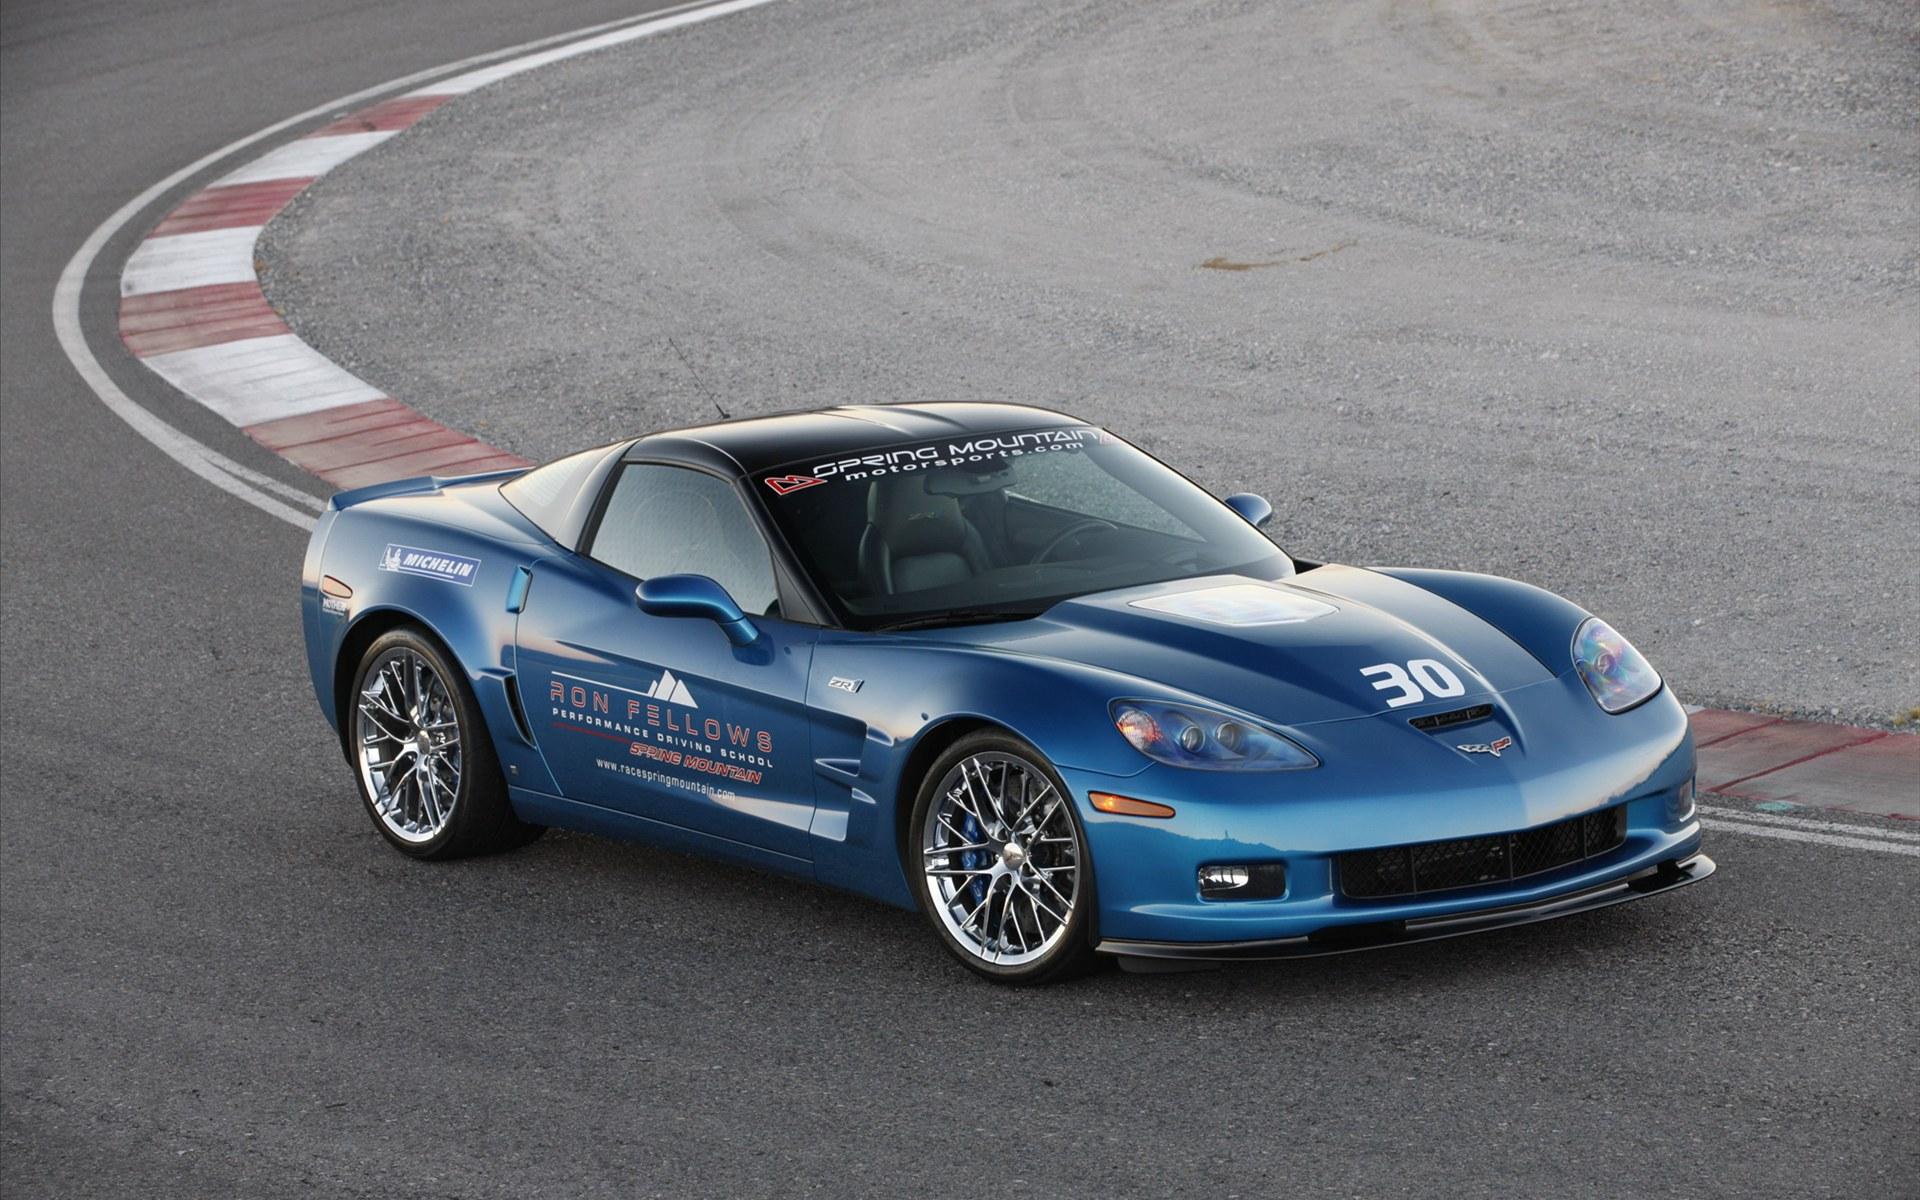 Corvette Zr1 2013 Wallpaper